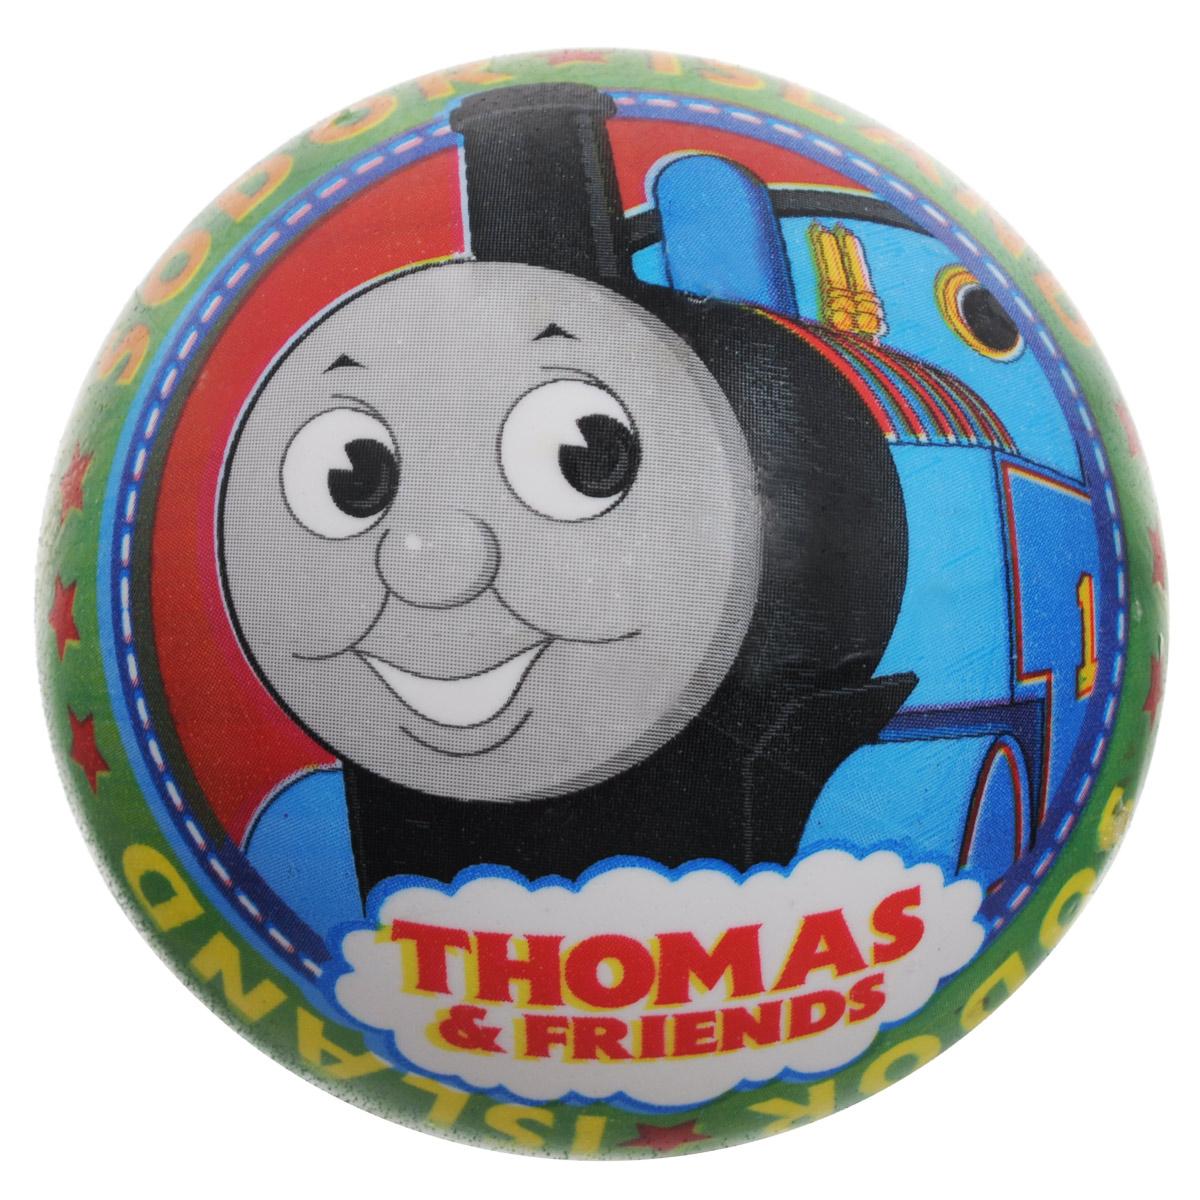 Мяч Mondo Томас, 9 см, в ассортименте05/188Мяч Mondo Томас непременно понравится вашему малышу. Маленький мячик Томас изготовлен из полимерного материала высокого качества. Мячик отличается высокой износостойкостью и прекрасным качеством принта - изображение не стирается и не выцветает долгое время. Мячик оформлен красочными изображениями героев популярного мультфильма Паровозик Томас и его друзья. Игра в мяч - отличное решение для непоседливого ребенка, чтобы направить его энергию в нужное русло! Небольшой мячик идеально подойдет для легких и веселых детских игр в песочнице или на большой площадке. Занятия с мячом развивают координацию и ловкость, а кроме того, способствуют социализации и развитию навыков общения со сверстниками. УВАЖАЕМЫЕ КЛИЕНТЫ! Товар поставляется в ассортименте. Поставка осуществляется в одном из приведенных вариантов в зависимости от наличия на складе.